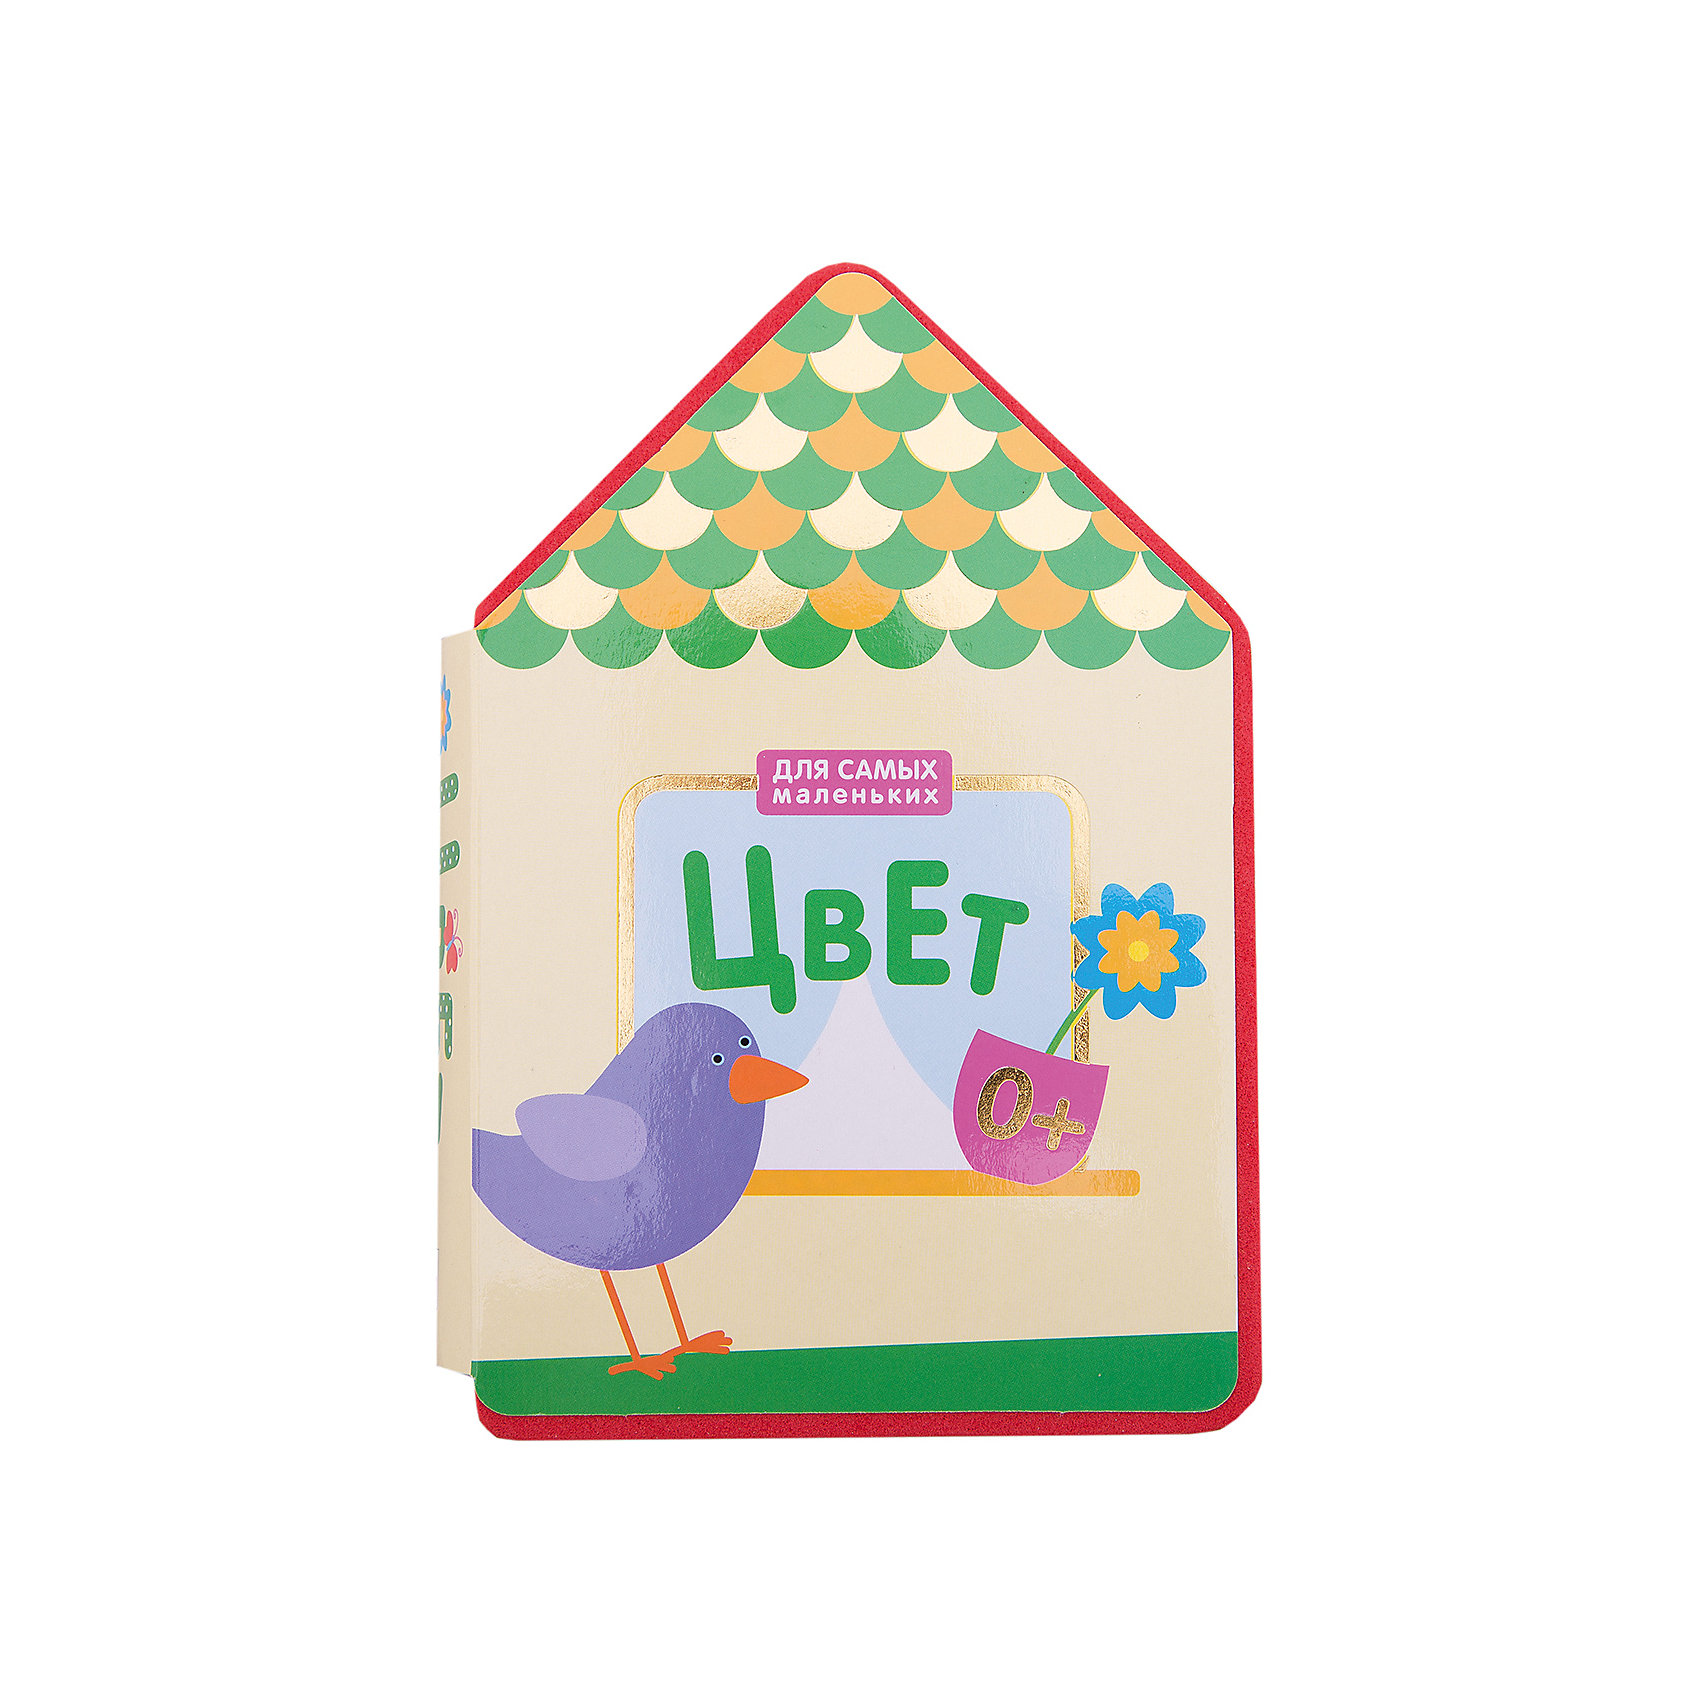 Книжка Для самых маленьких. Цвет, Мозаика-СинтезТворчество для малышей<br>Книжка Для самых маленьких. Цвет, Мозаика-Синтез.<br><br>Характеристики:<br><br>• Издательство: МОЗАИКА-СИНТЕЗ<br>• ISBN: 9785431506550<br>• Тип: книга.<br>• Возраст: от 1-3 лет.<br>• Размер книги: 155х100х32 мм.<br>• Количество страниц: 10<br><br>Для самых маленьких. Цвет. Эта замечательная книжка, созданная для самых маленьких читателей, предназначена для развития речи и мышления. Ребенок познакомится с различными цветами, а крупные, яркие картинки на разноцветных страничках помогут усвоить новую информацию. <br><br>Нарядную книжку-домик легко листать – мягкие плотные странички небольшого формата как будто созданы для ручек вашего малыша, а еще ей можно играть как игрушкой. Книжки серии «Для самых маленьких» изготовлены из пены EVA – они не рвутся, не ломаются и абсолютно безопасны для детей.<br><br>Книжку Для самых маленьких. Цвет, Мозаика-Синтез, можно купить в нашем интернет – магазине.<br><br>Ширина мм: 32<br>Глубина мм: 100<br>Высота мм: 155<br>Вес г: 80<br>Возраст от месяцев: 12<br>Возраст до месяцев: 36<br>Пол: Унисекс<br>Возраст: Детский<br>SKU: 5428903